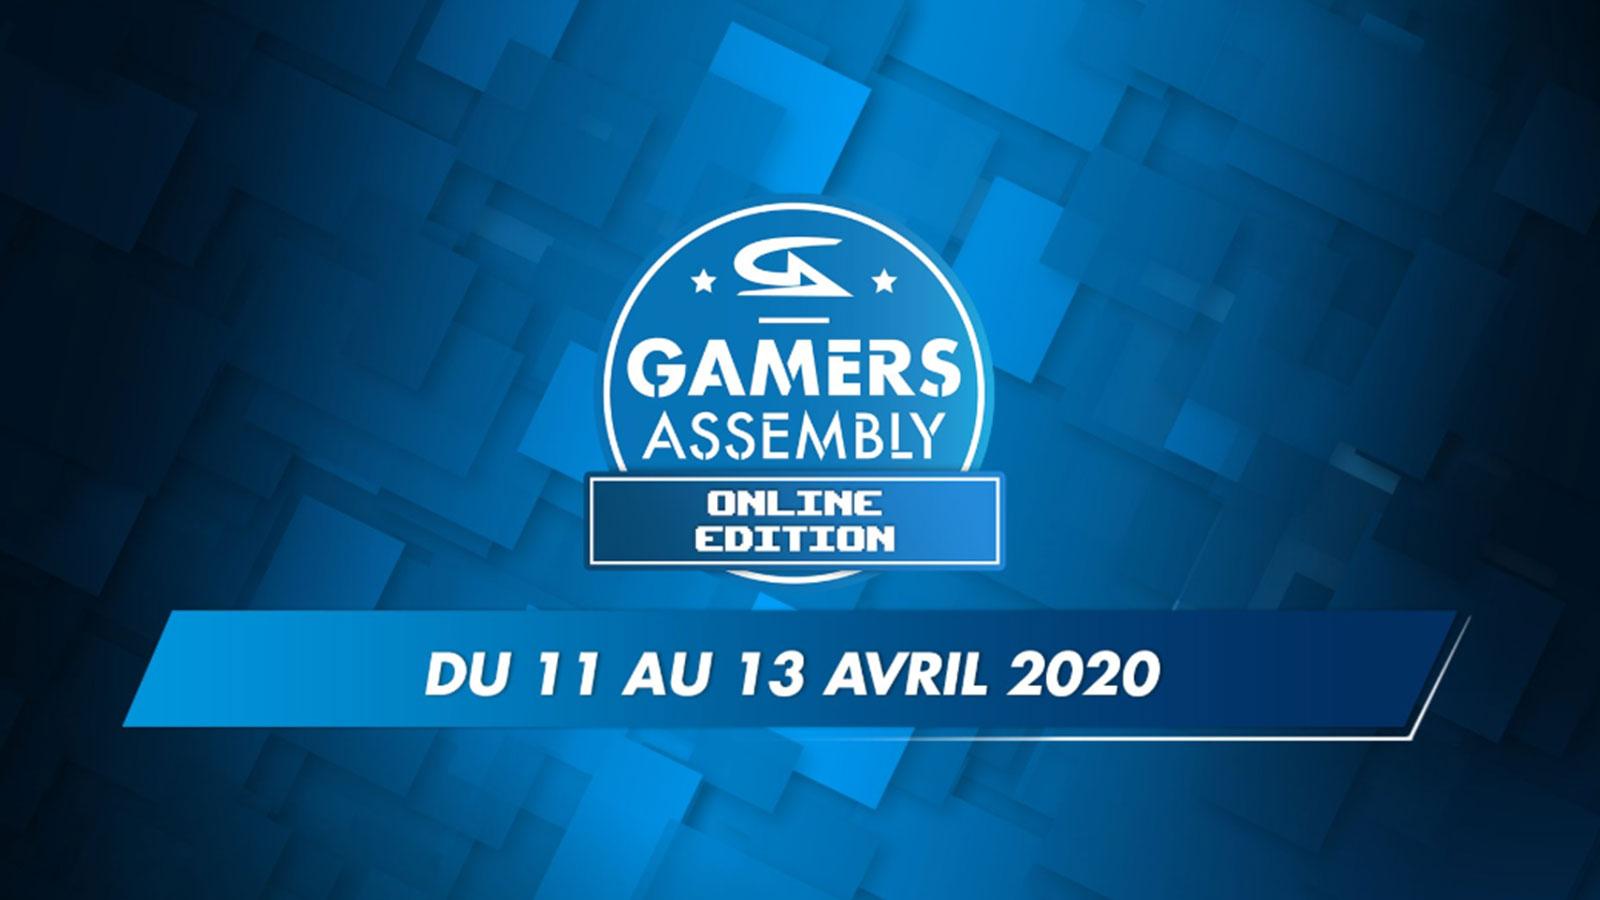 La Gamers Assembly est de retour dans une édition online